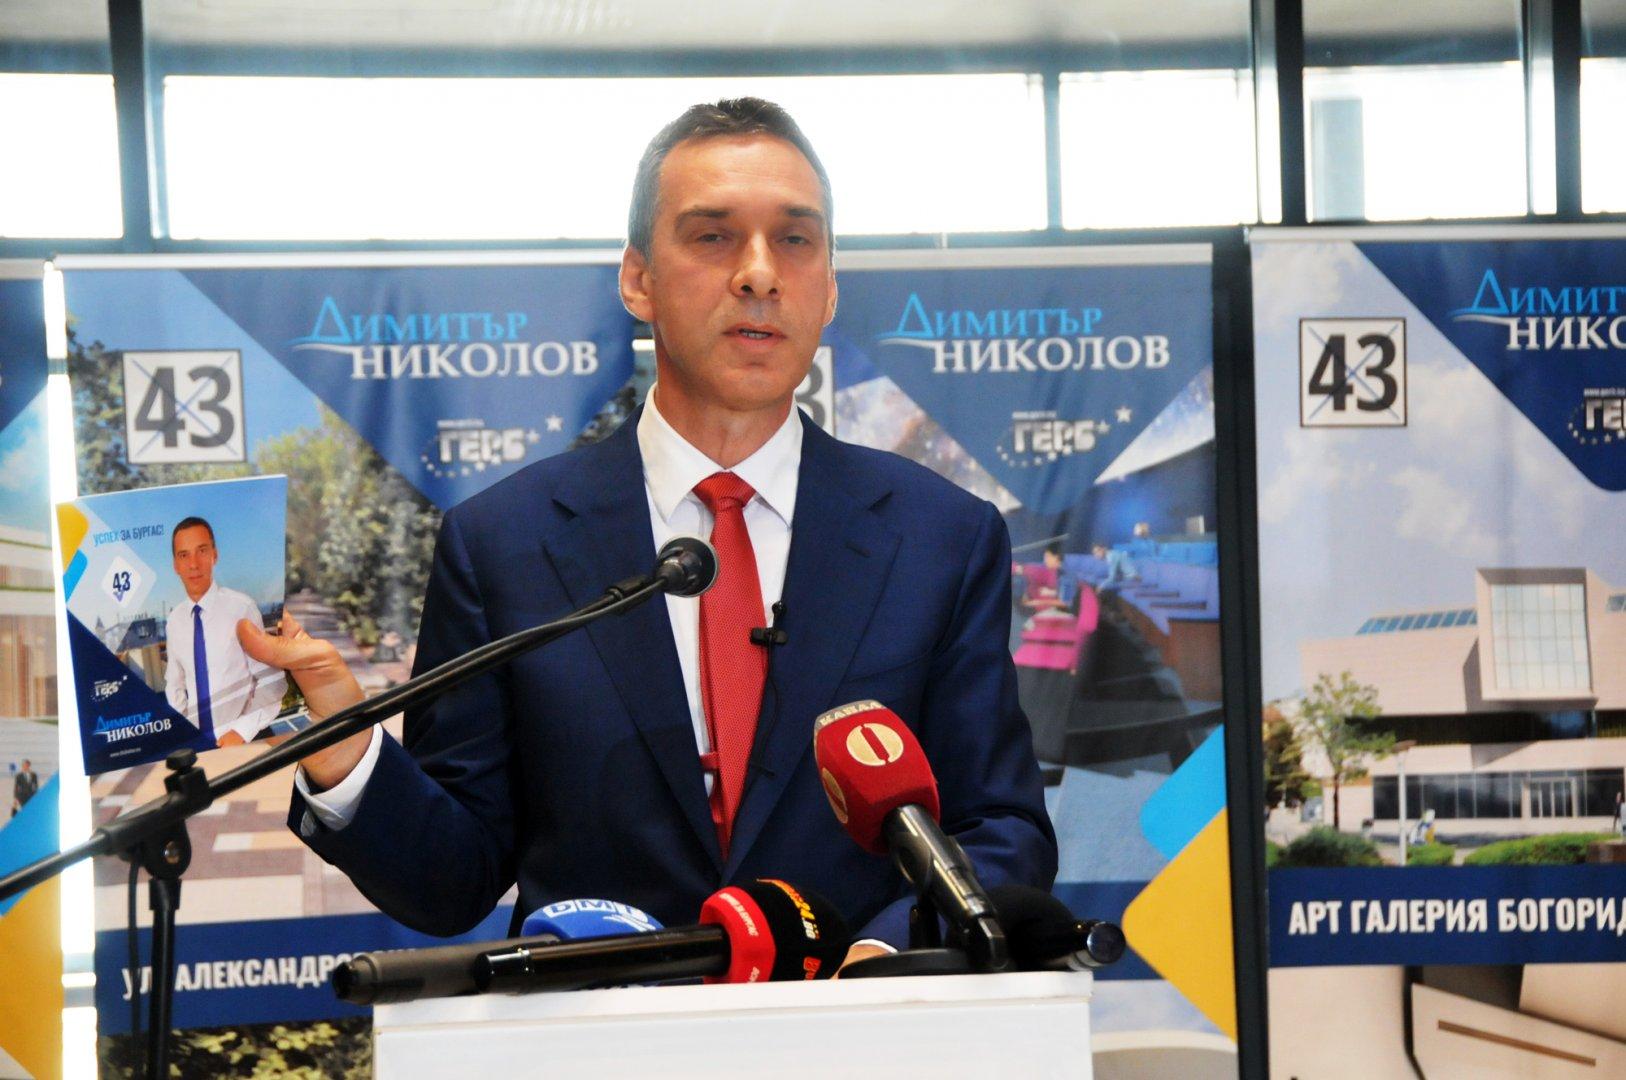 Димитър Николов представи предизборната си програма за управление на Бургас. Снимки Лина Главинова